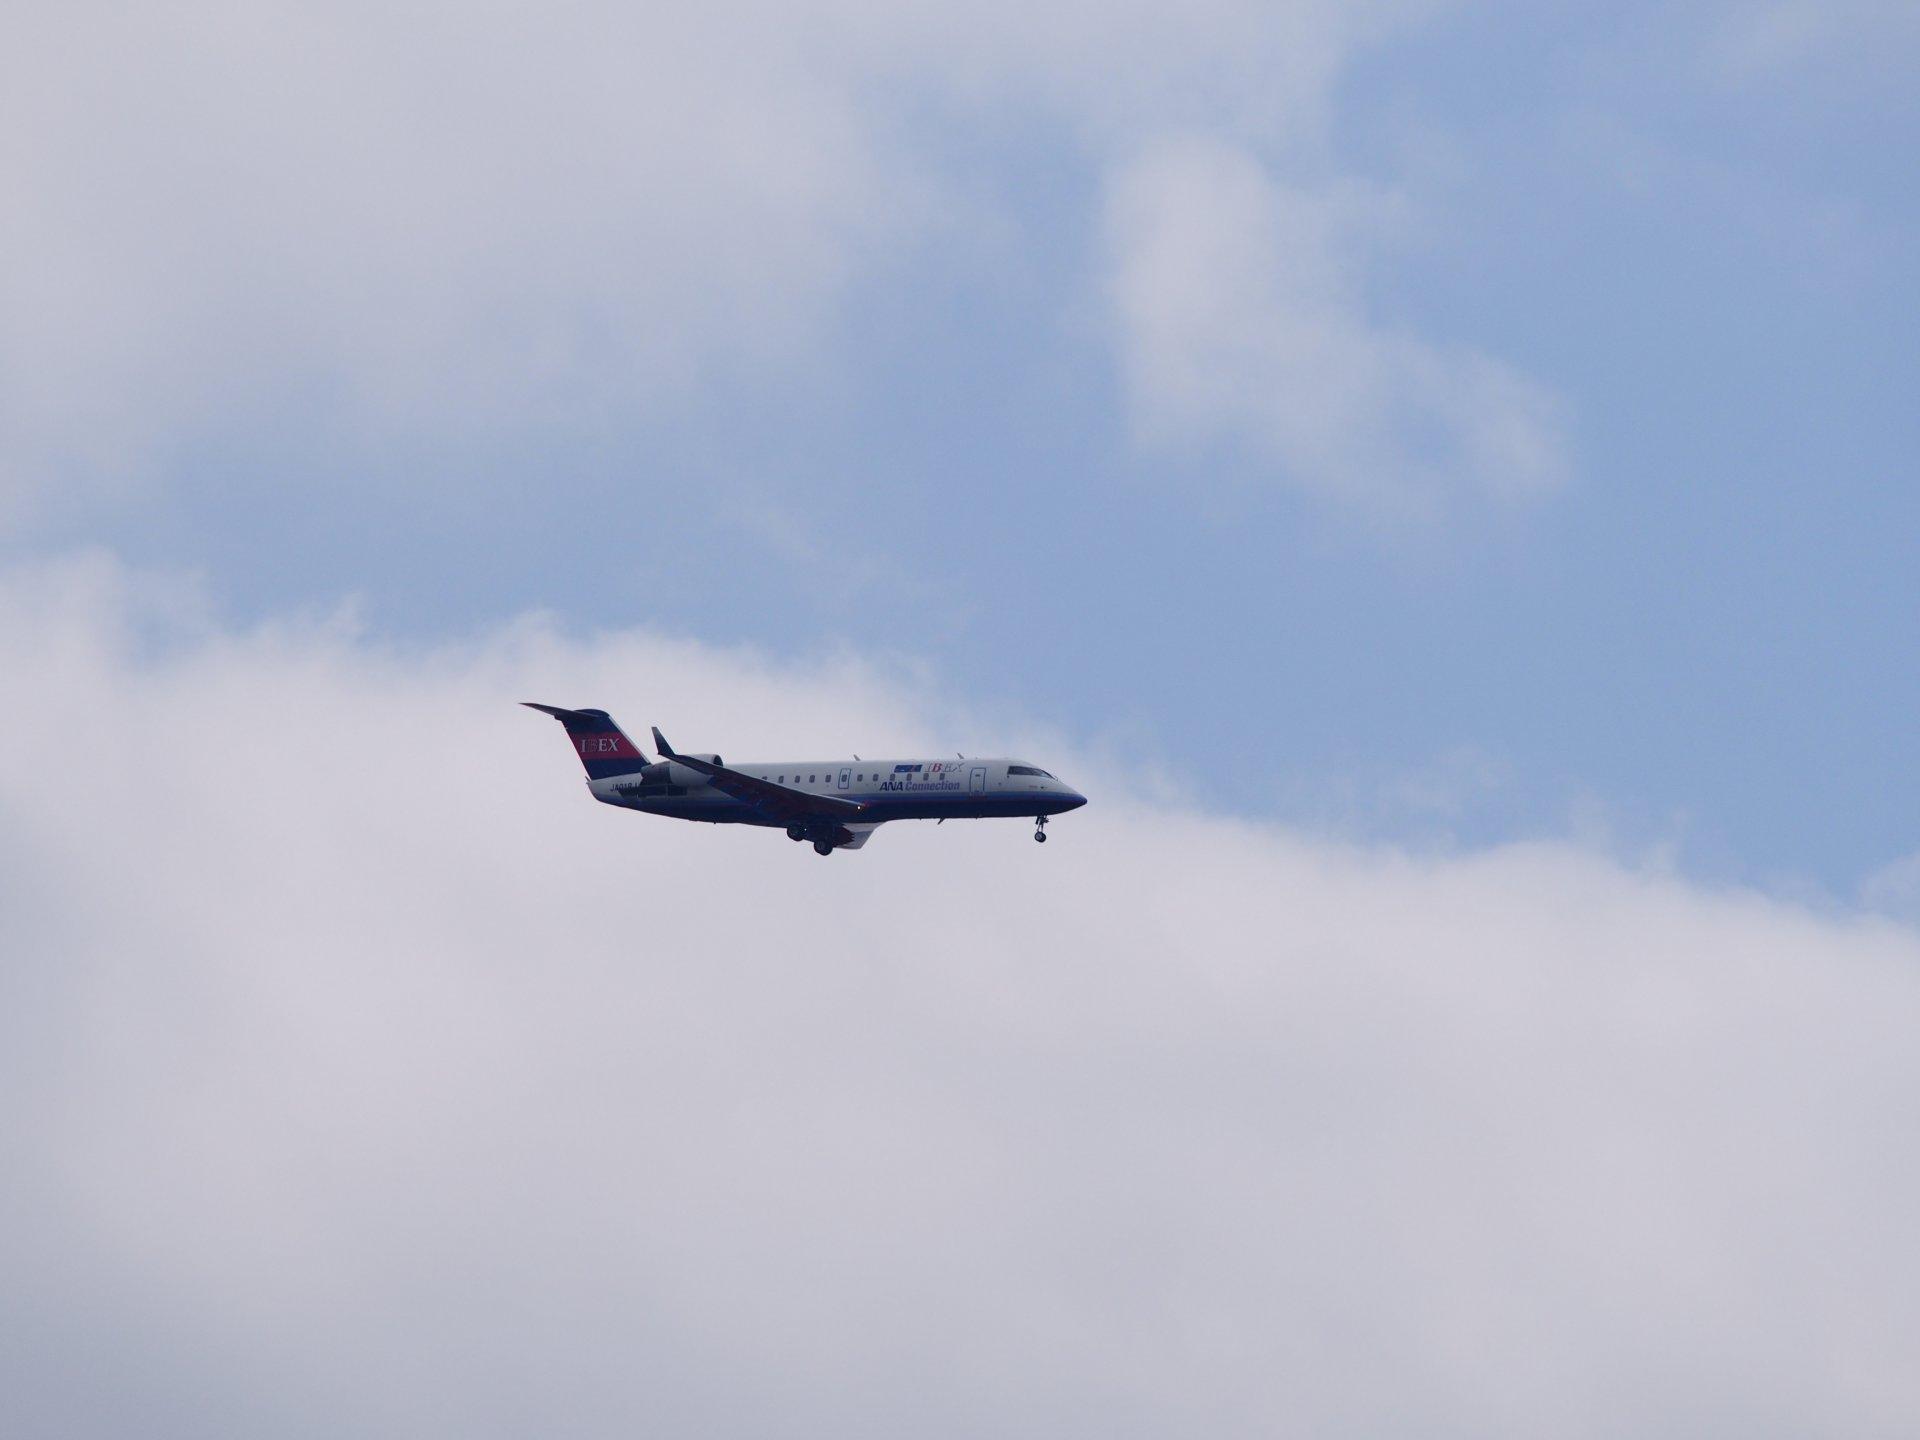 CRJ200と雲のコントラストが美しい。